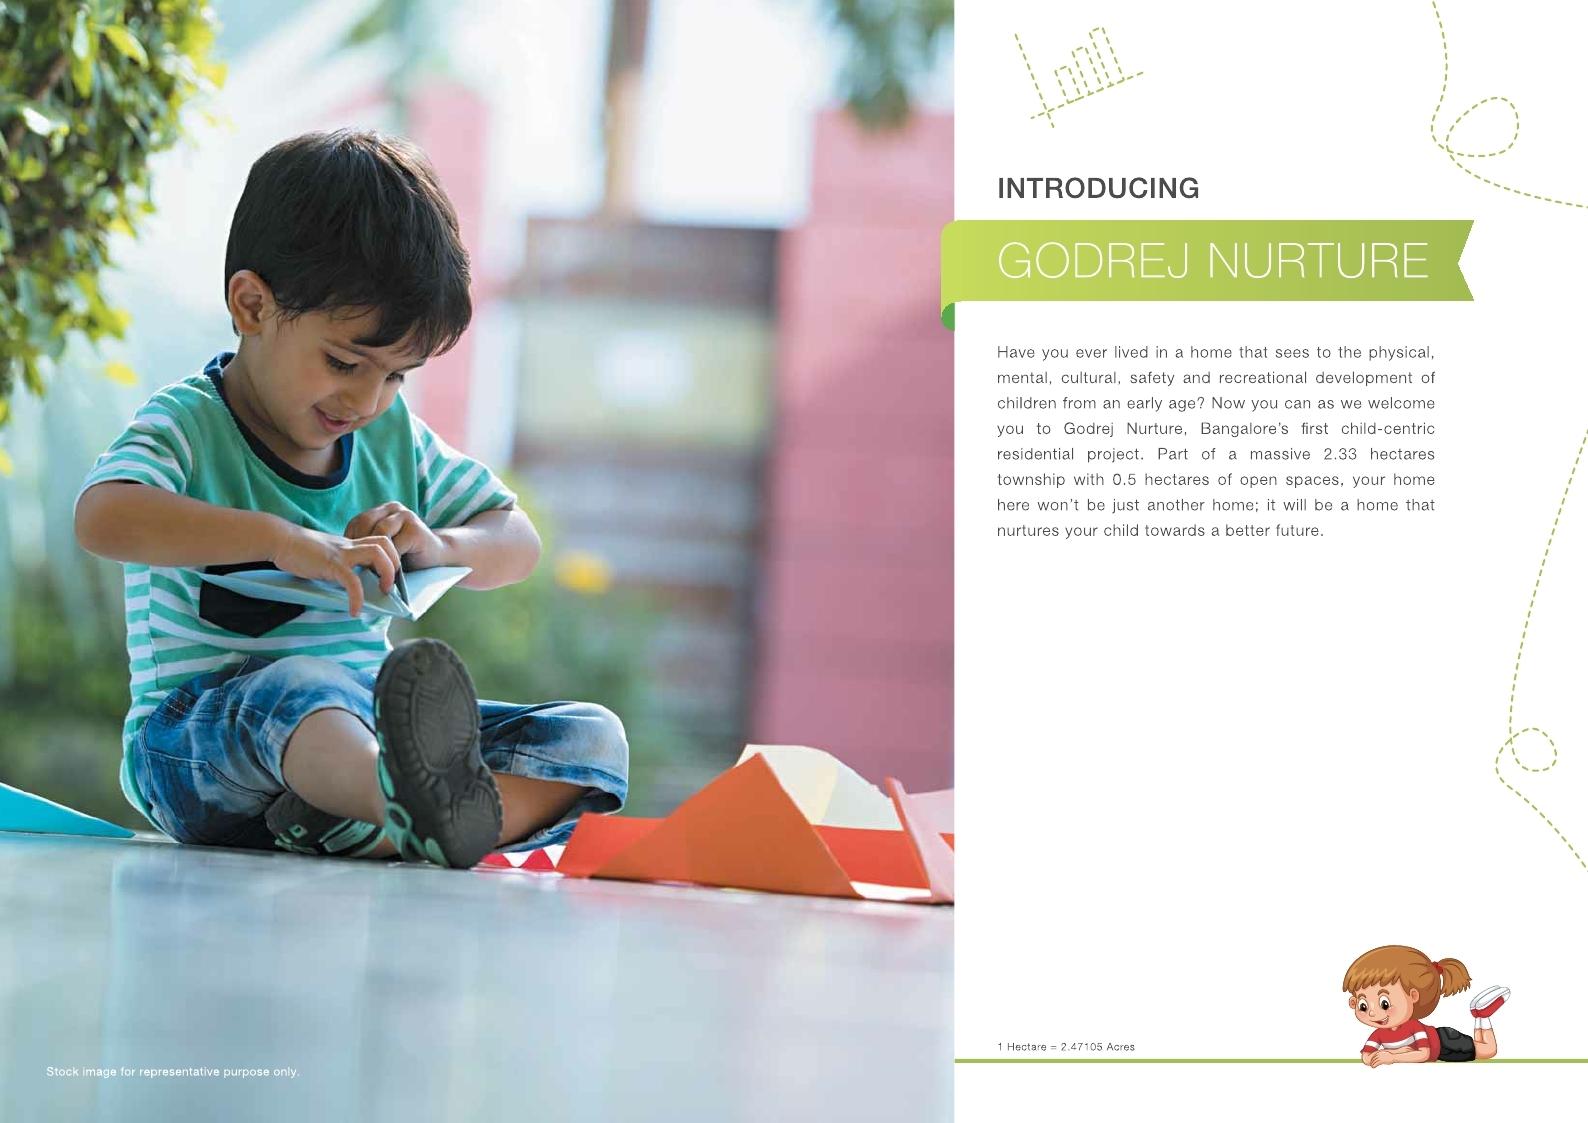 godrej nurture e-city